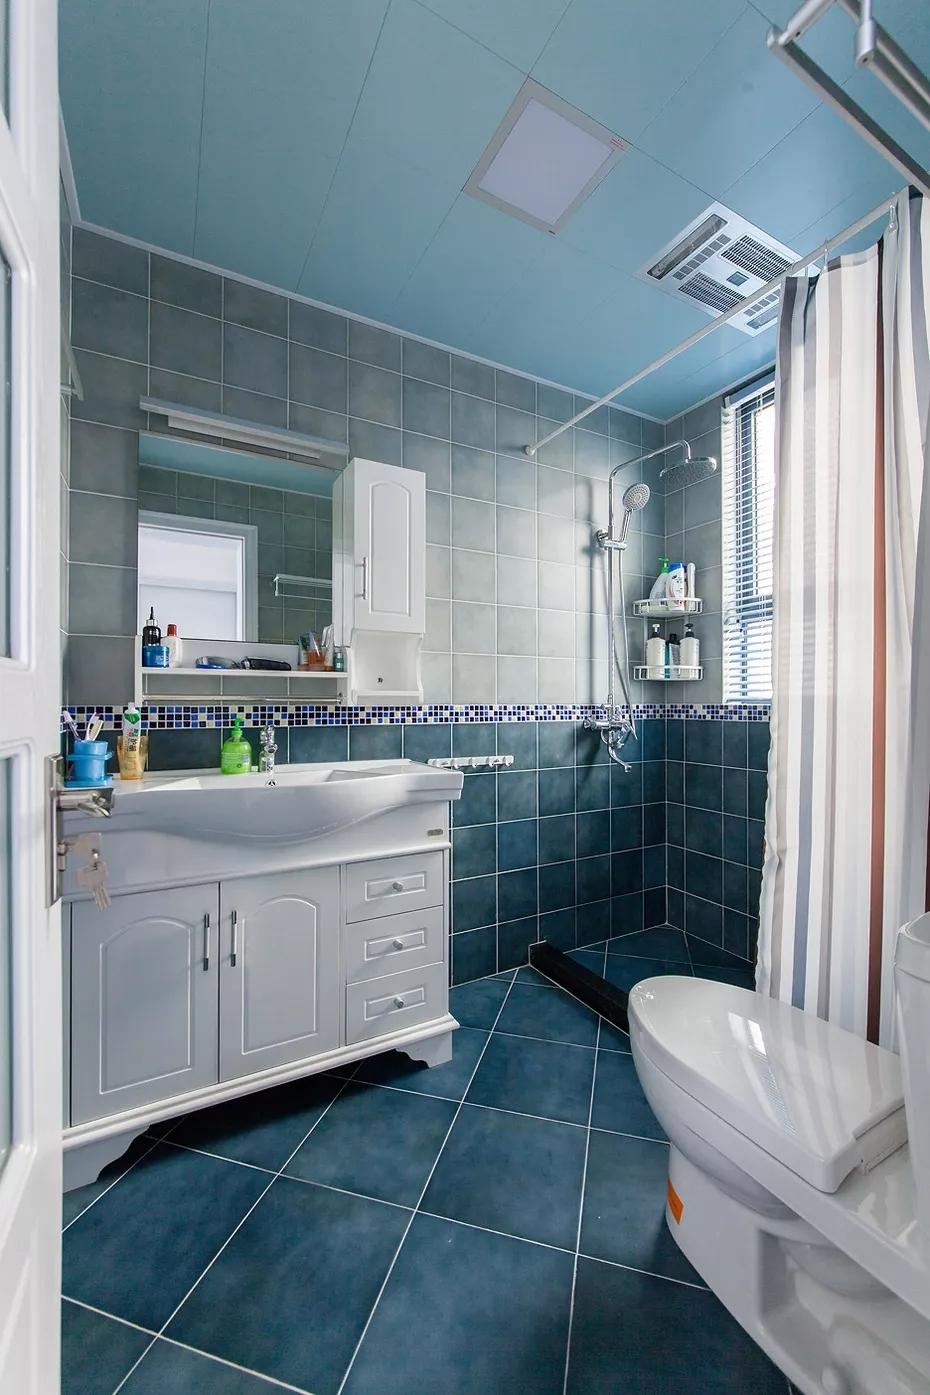 卫生间首先就给人一种蓝色海洋的浪漫气息,白色拉帘设计有效做到干湿分离。